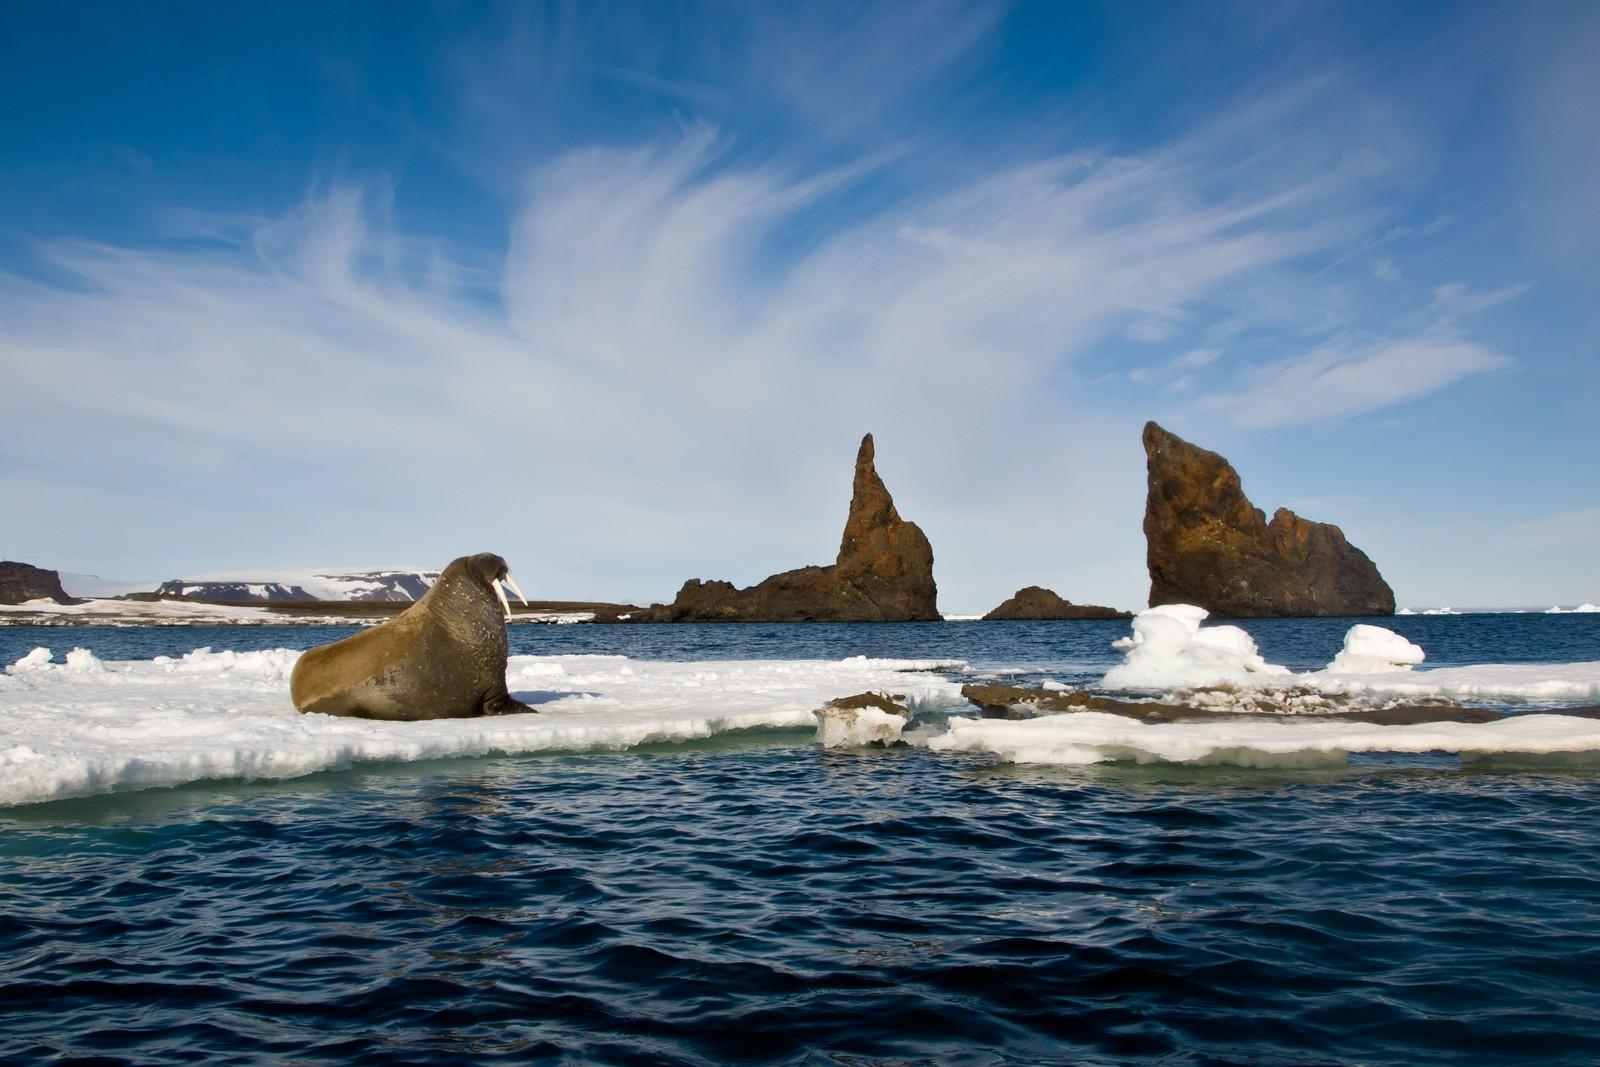 """BERØMT: En hvalross slapper av på et isflak ved Frans Josef Land. I bakgrunnen de berømte """"basaltiske nålene"""" ved Kap Tegethoff. Hvalrossen holder helst til på isflak og migreringsmønsteret tilpasses isens forflytninger. Om vinteren flytter derfor hvalrossen seg sørover med isen, mens den drar mot nord sommerstid."""